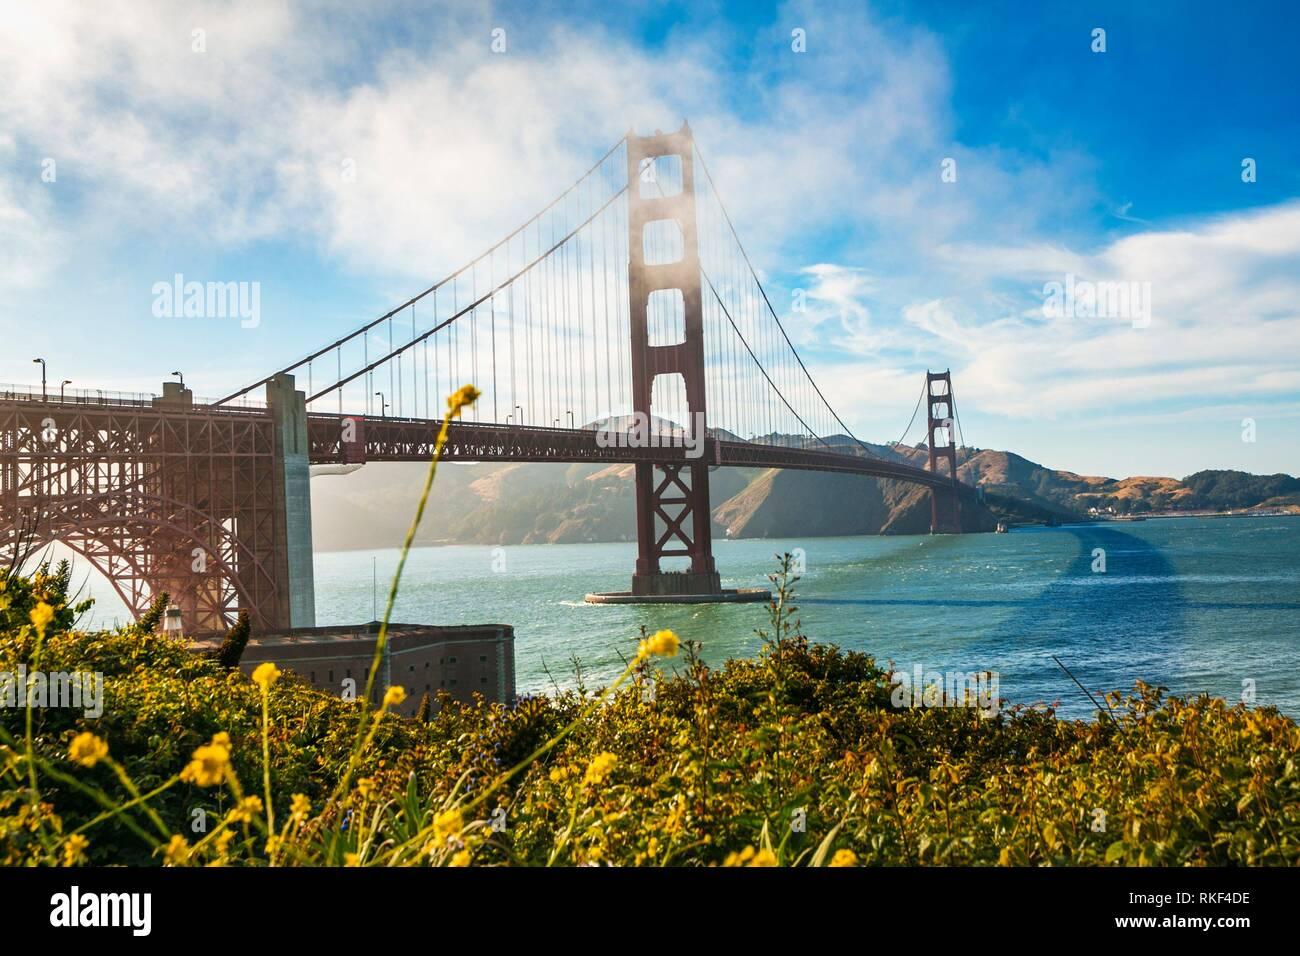 Le Golden Gate Bridge. San Francisco. La Californie. USA Banque D'Images